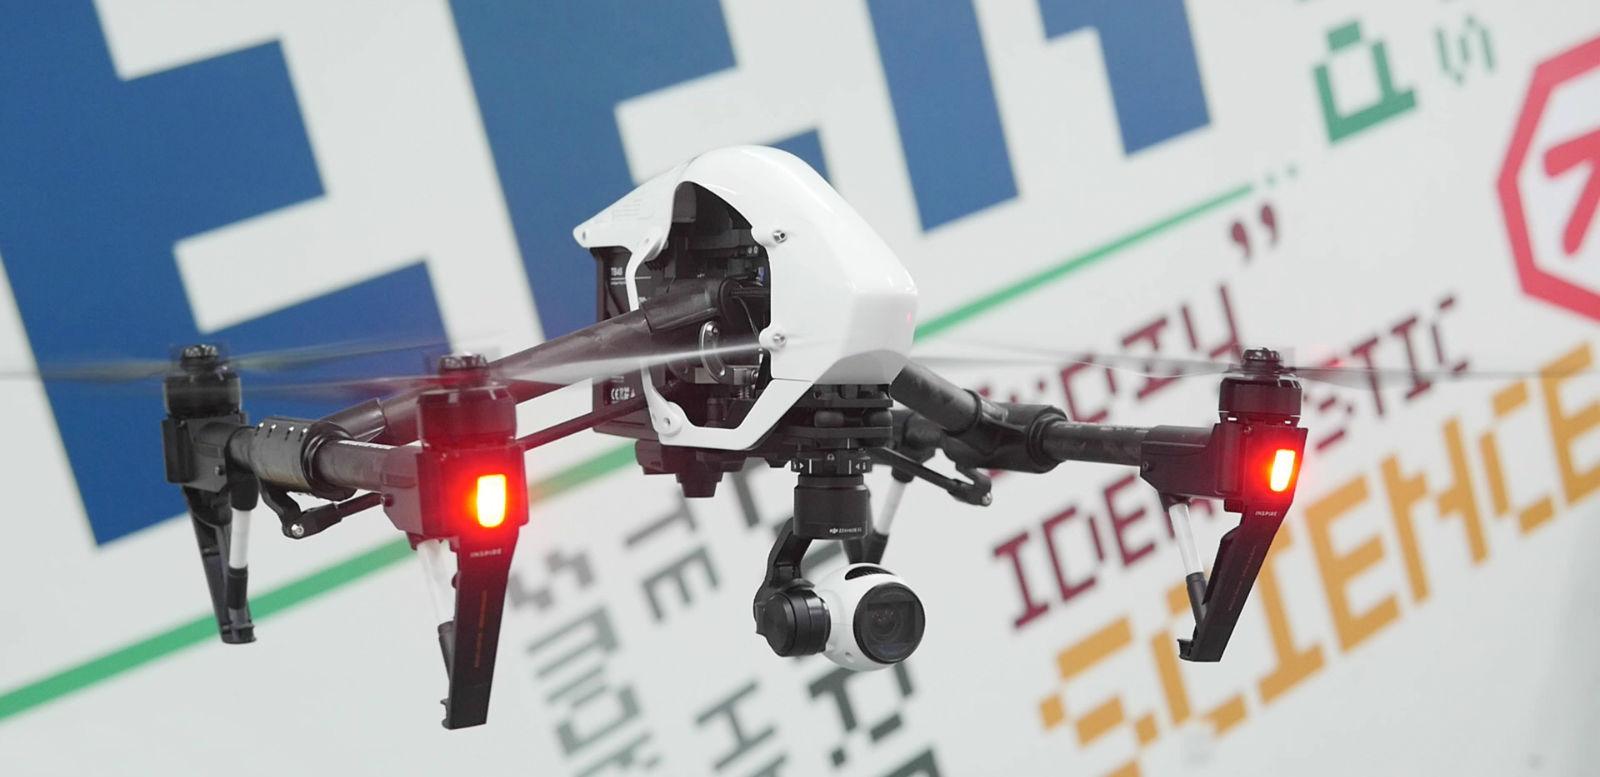 视频 | 让汪峰上头条的无人机跟它比都弱爆了